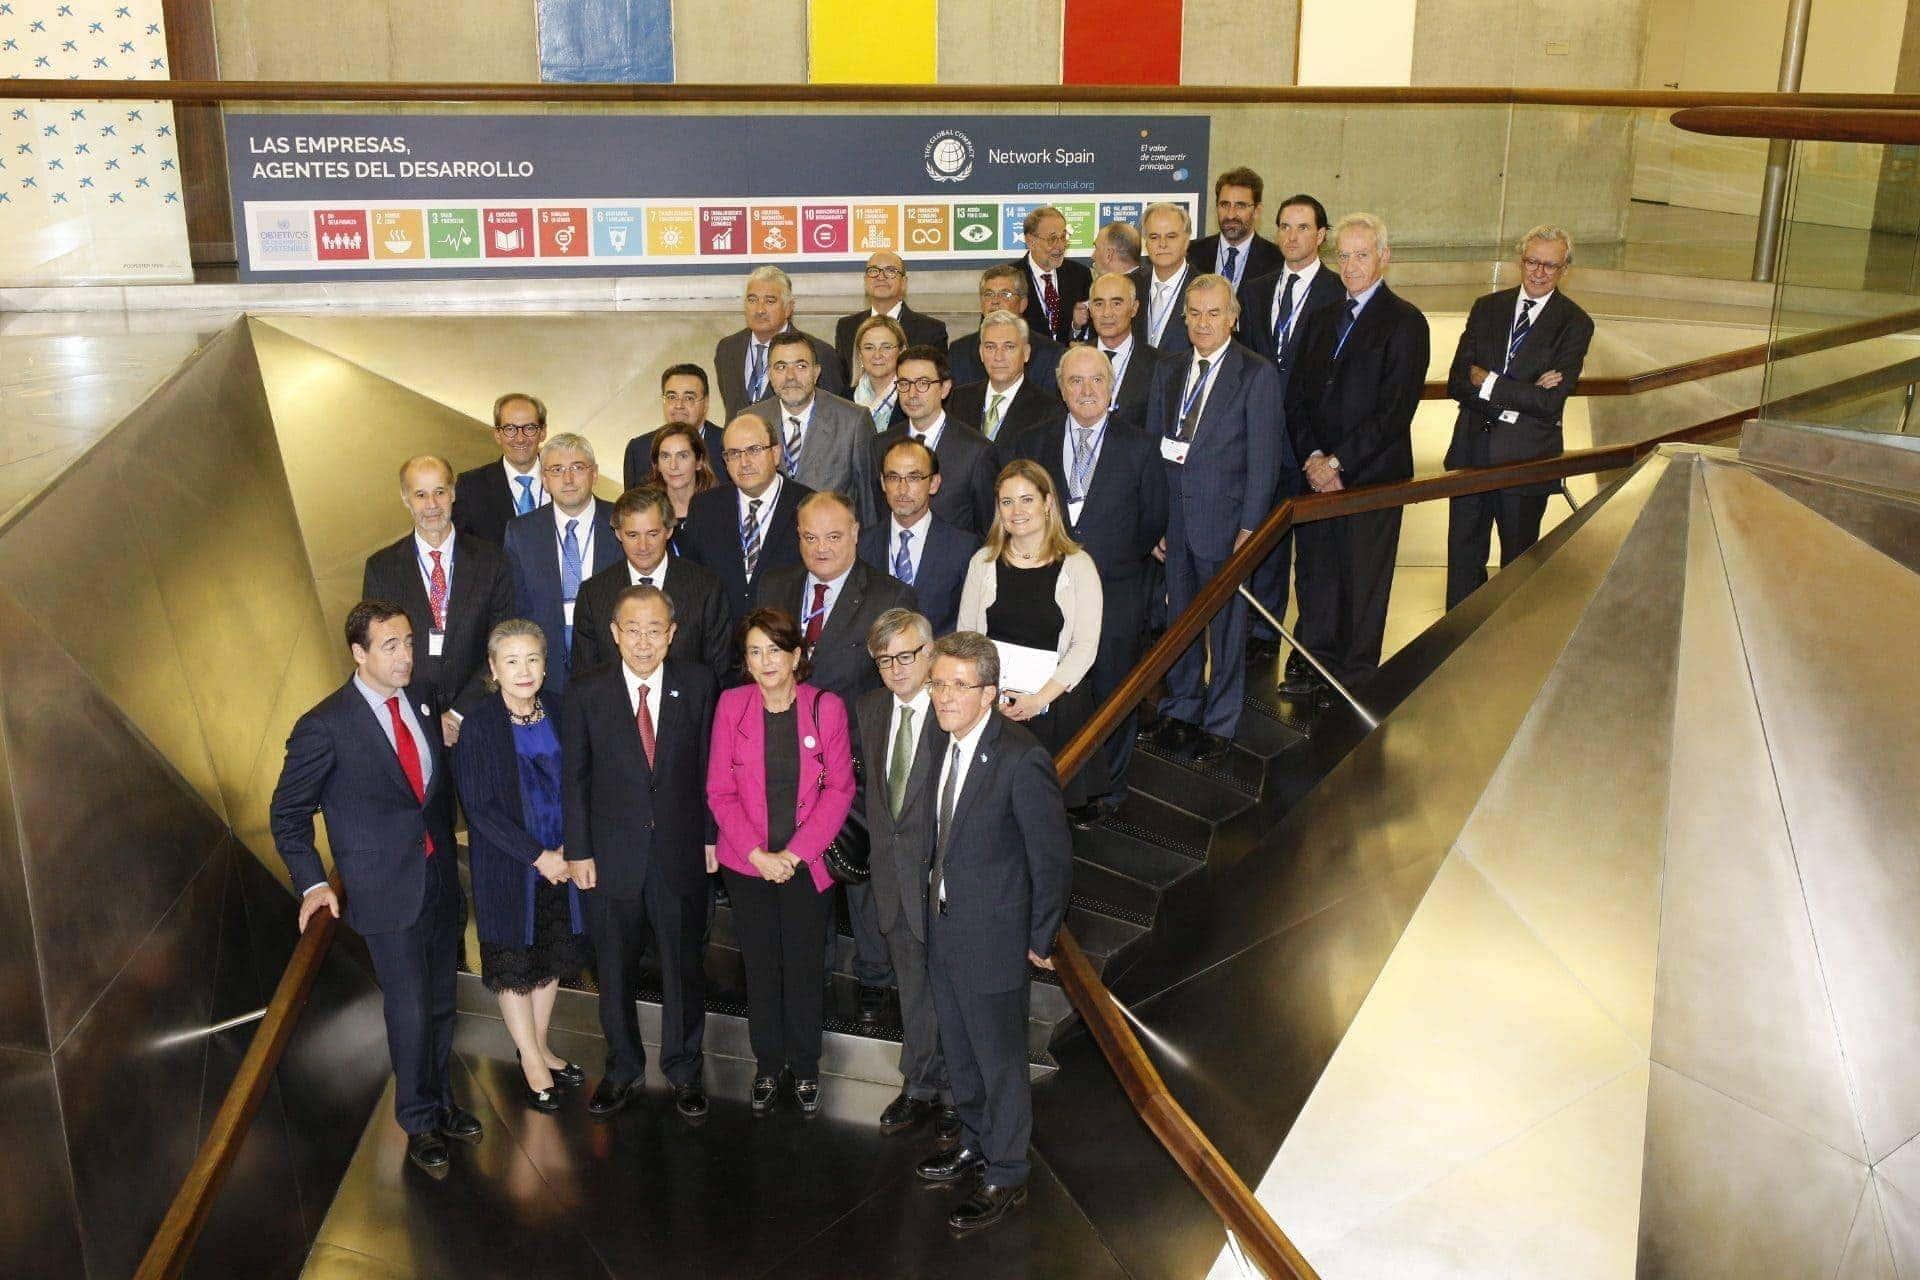 Encuentro con las Naciones Unidas